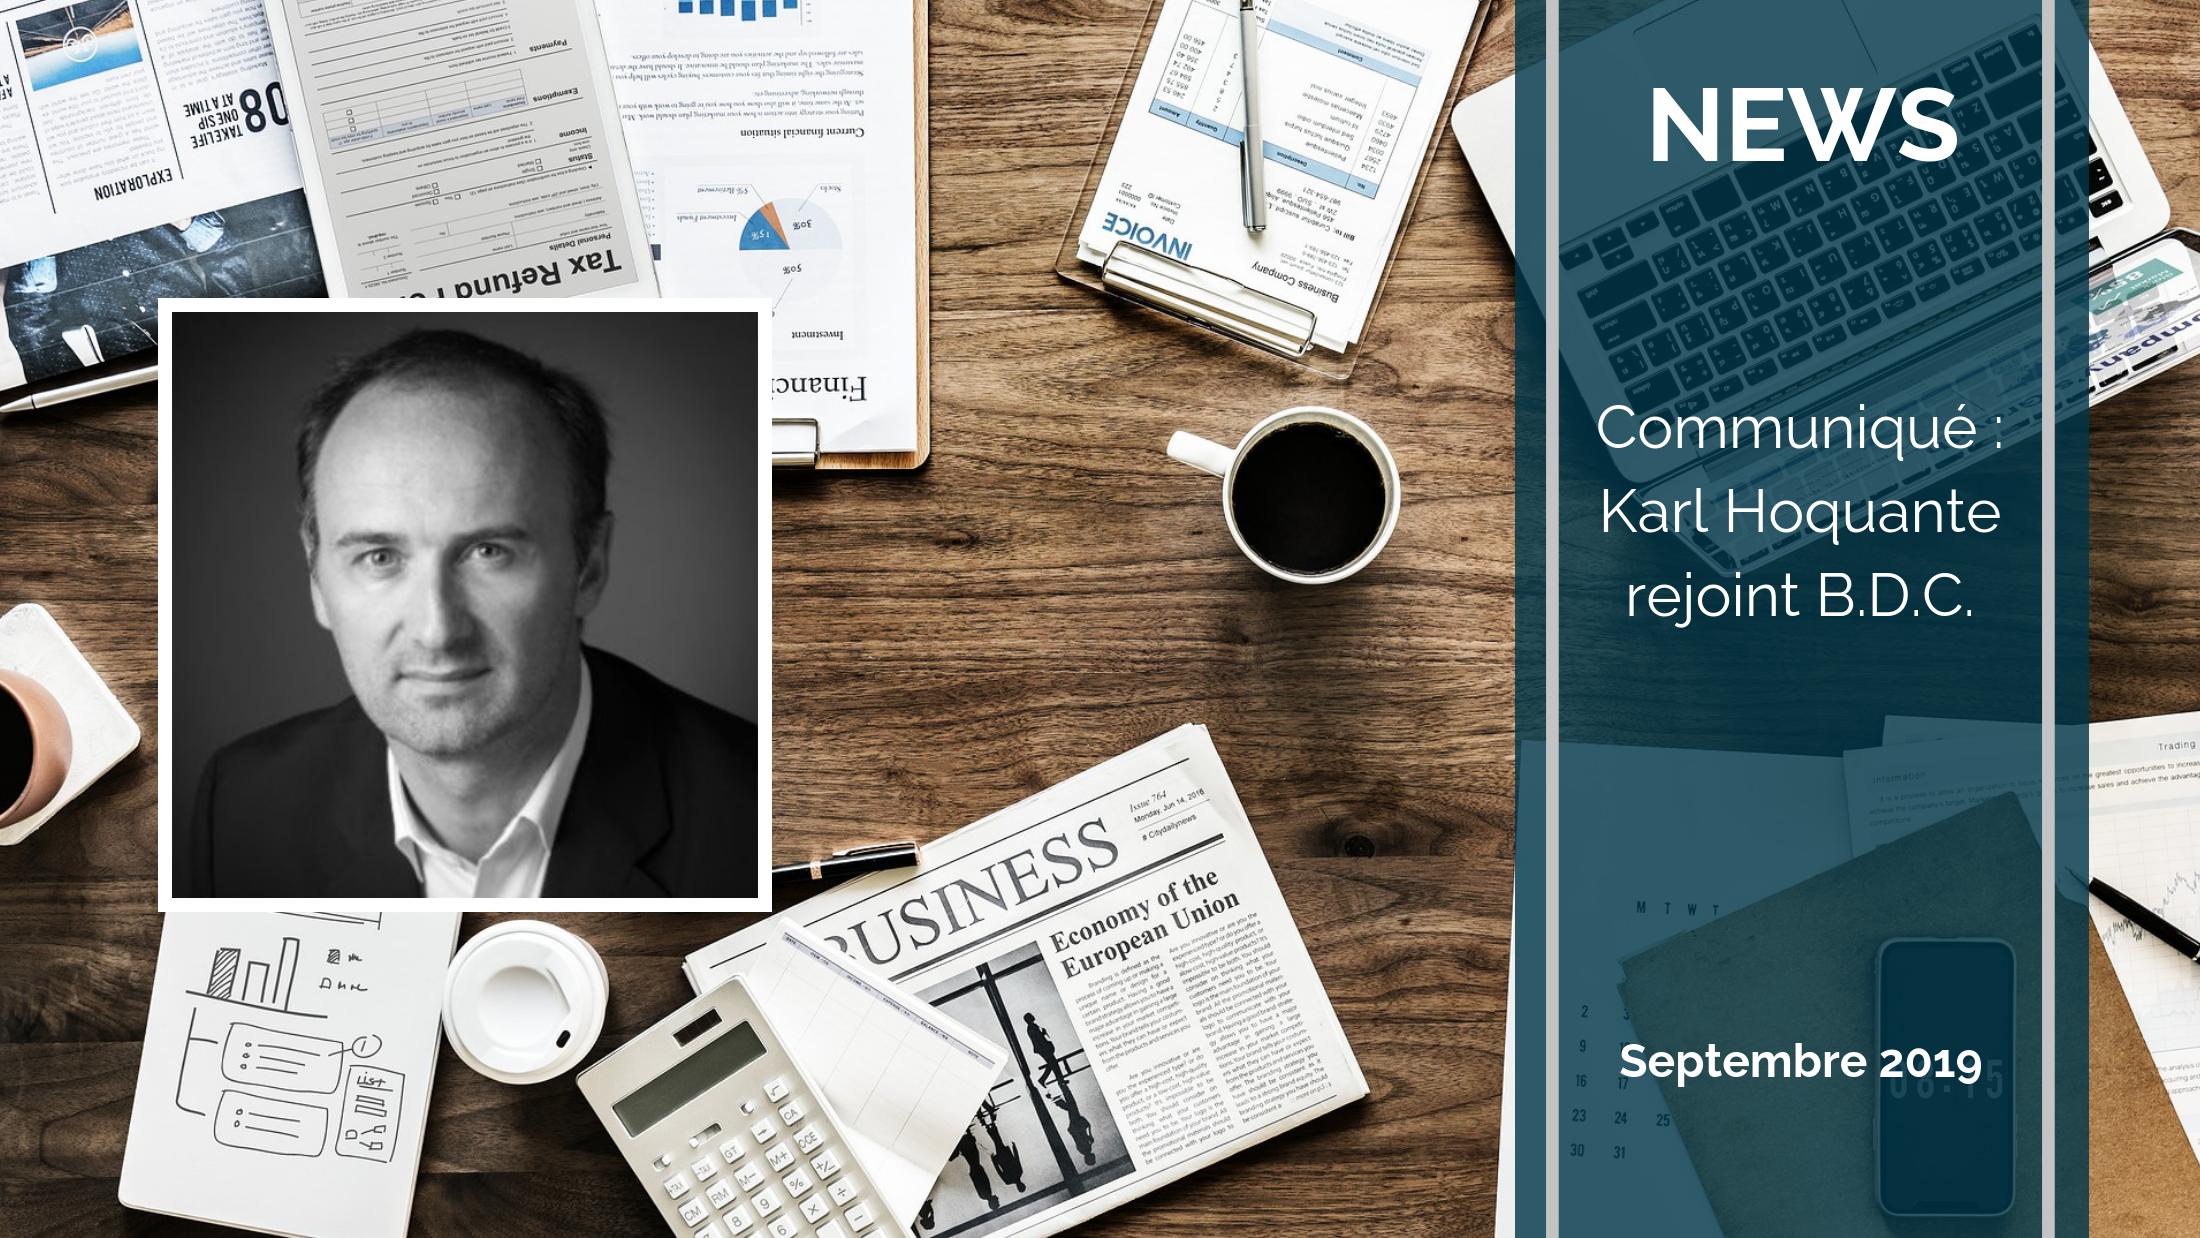 Trends News suite 2 - Communiqué : Karl Hoquante nommé Directeur Général de B.D.C.